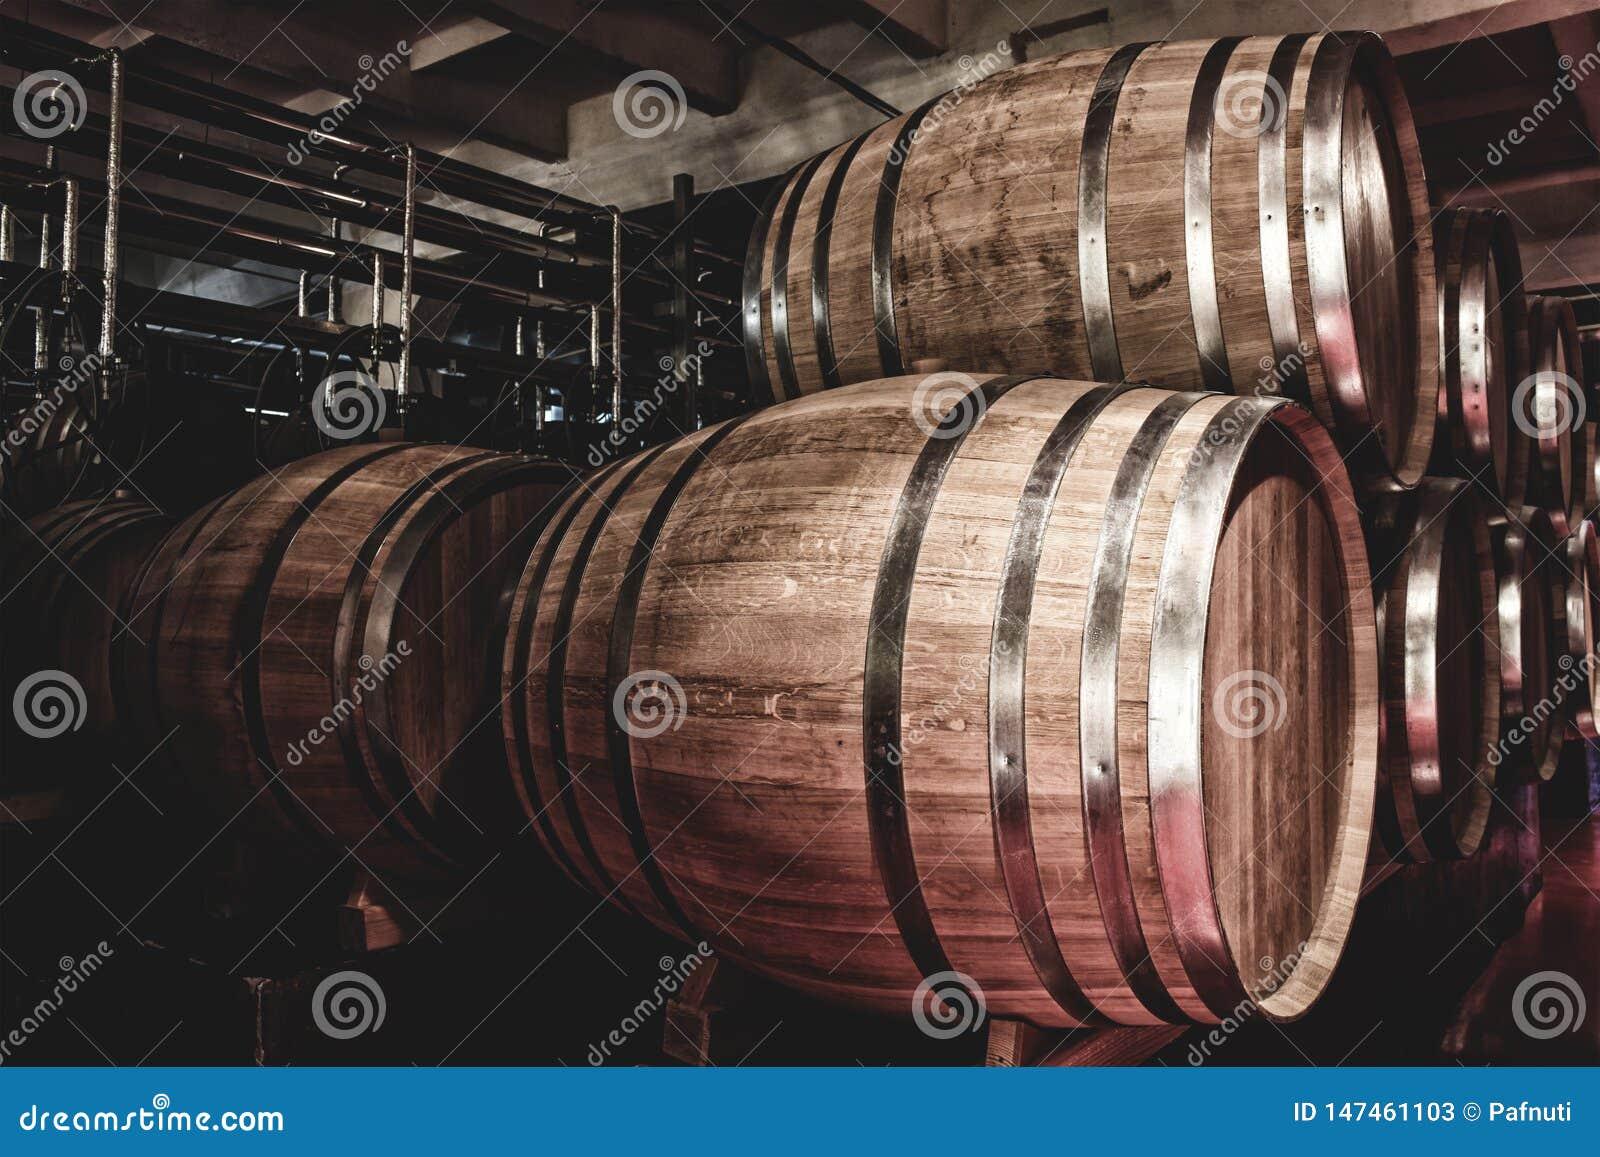 Houten vaten met whisky in donkere kelder